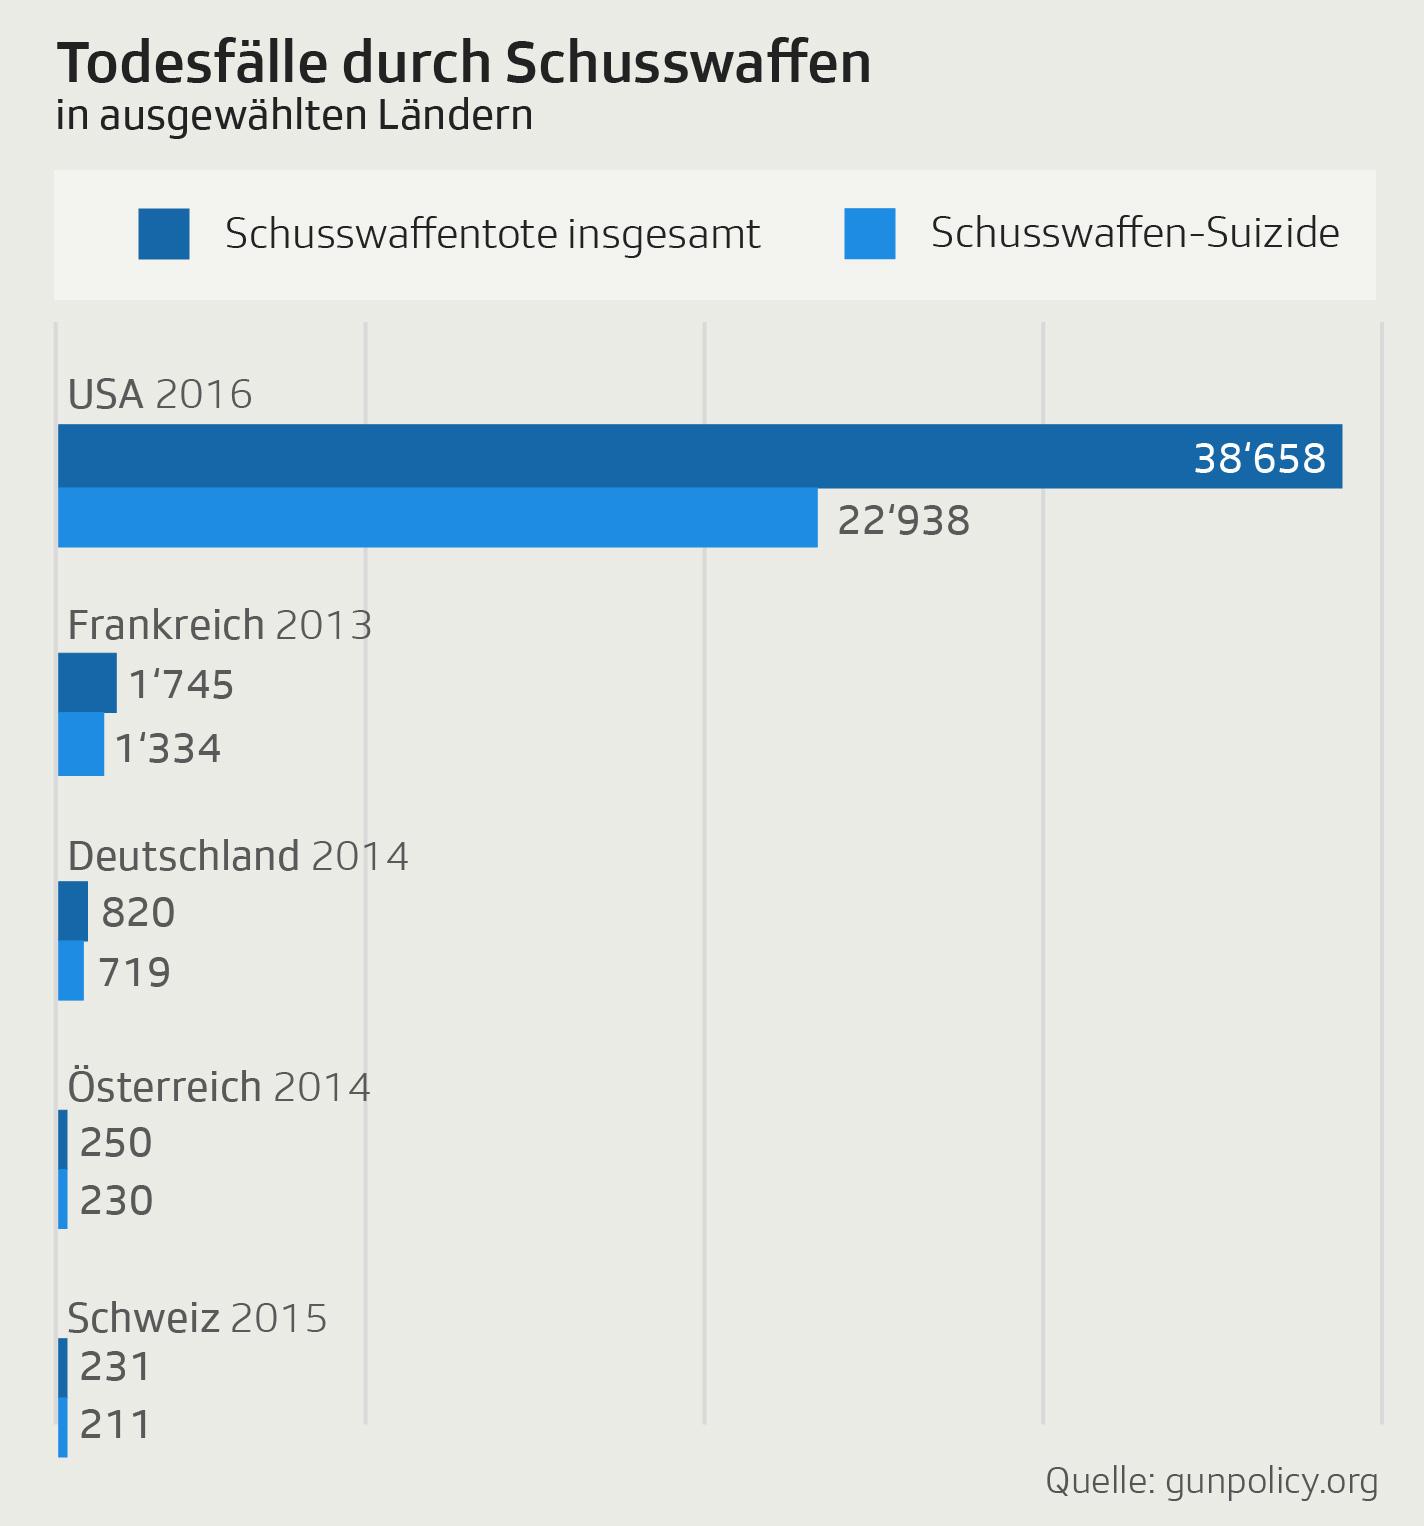 Todesfälle durch Schusswaffen in ausgewählten Ländern